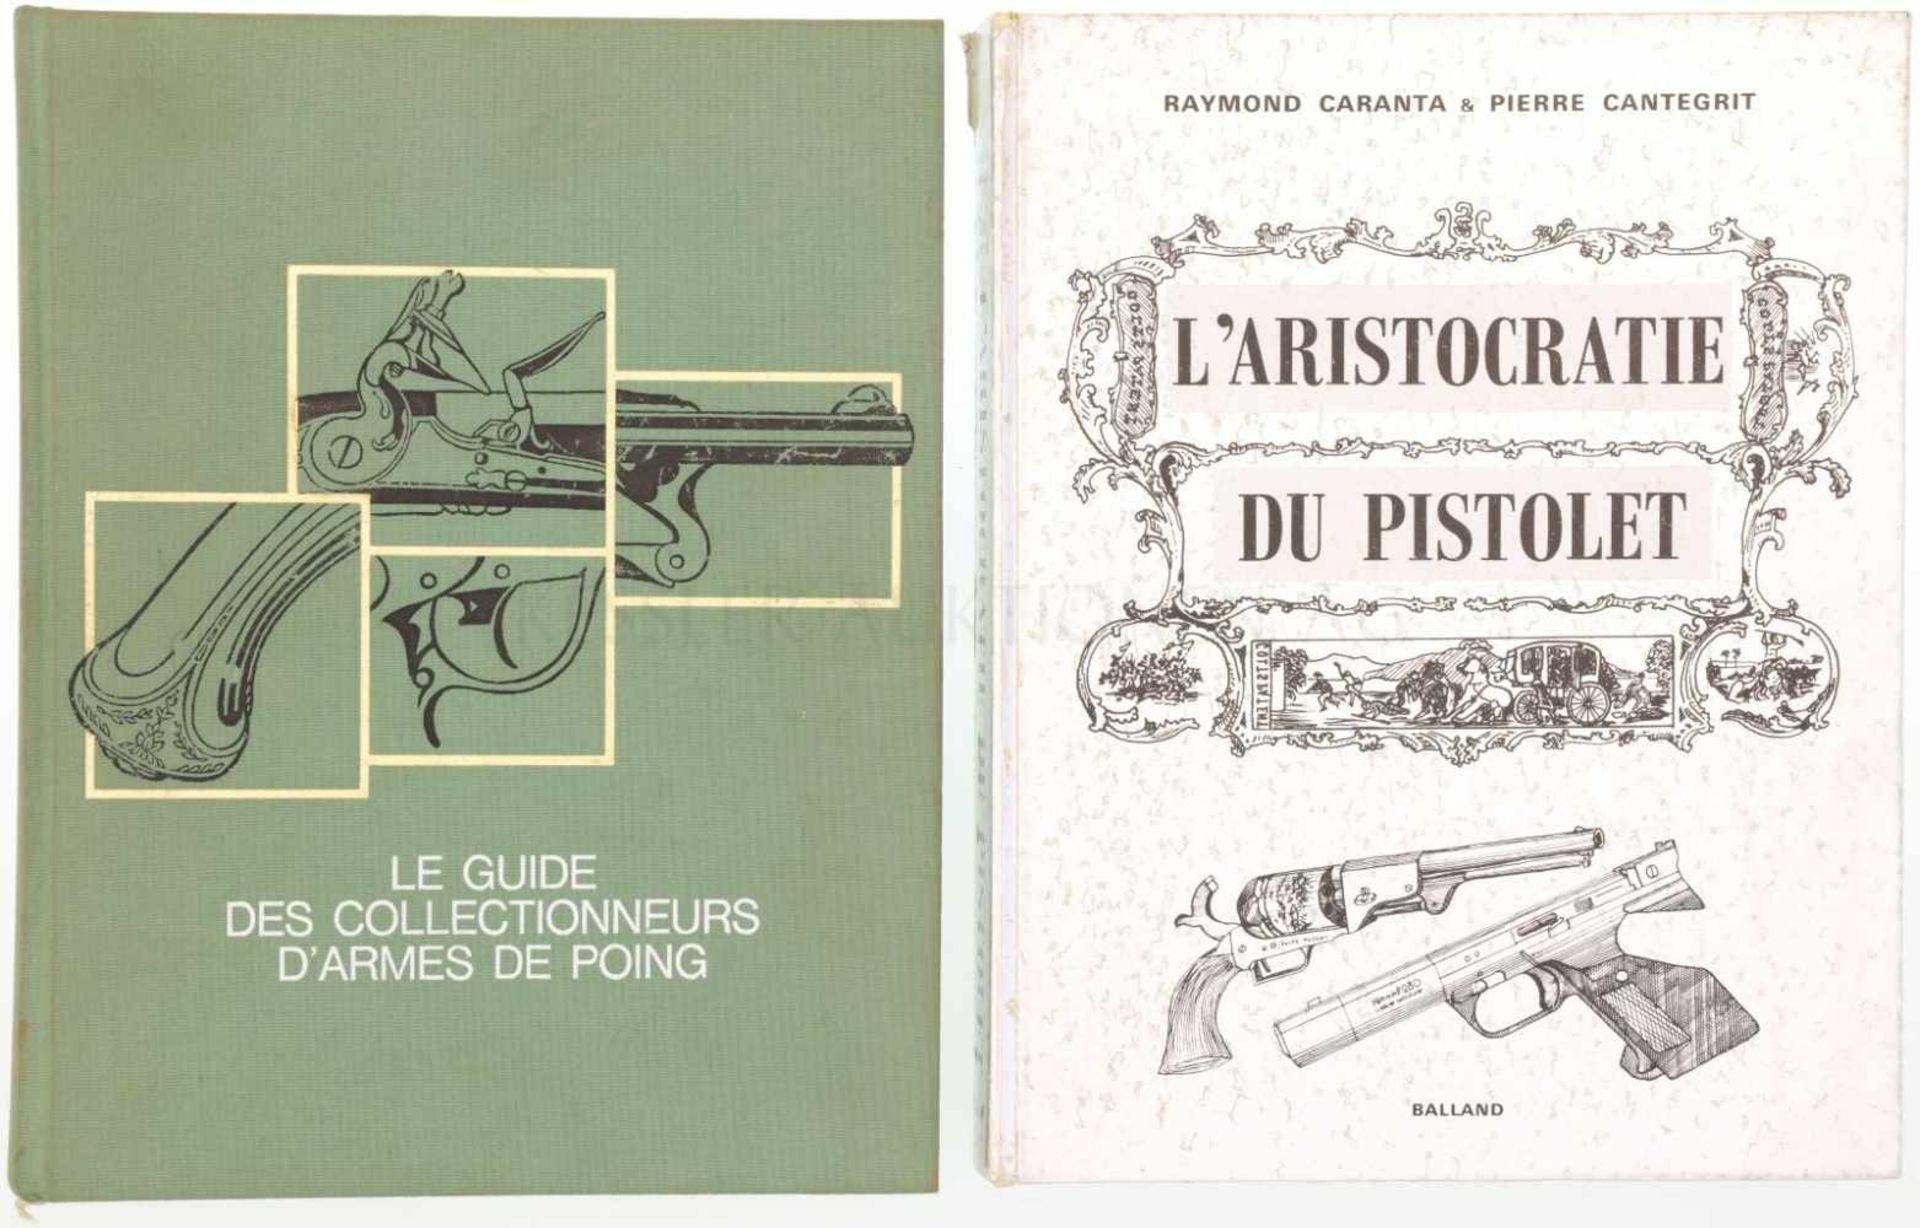 Konvolut von 2 Büchern 1. L'aristocratie du pistolet, Autoren Ramond Caranta und Pierre Cantegrit,